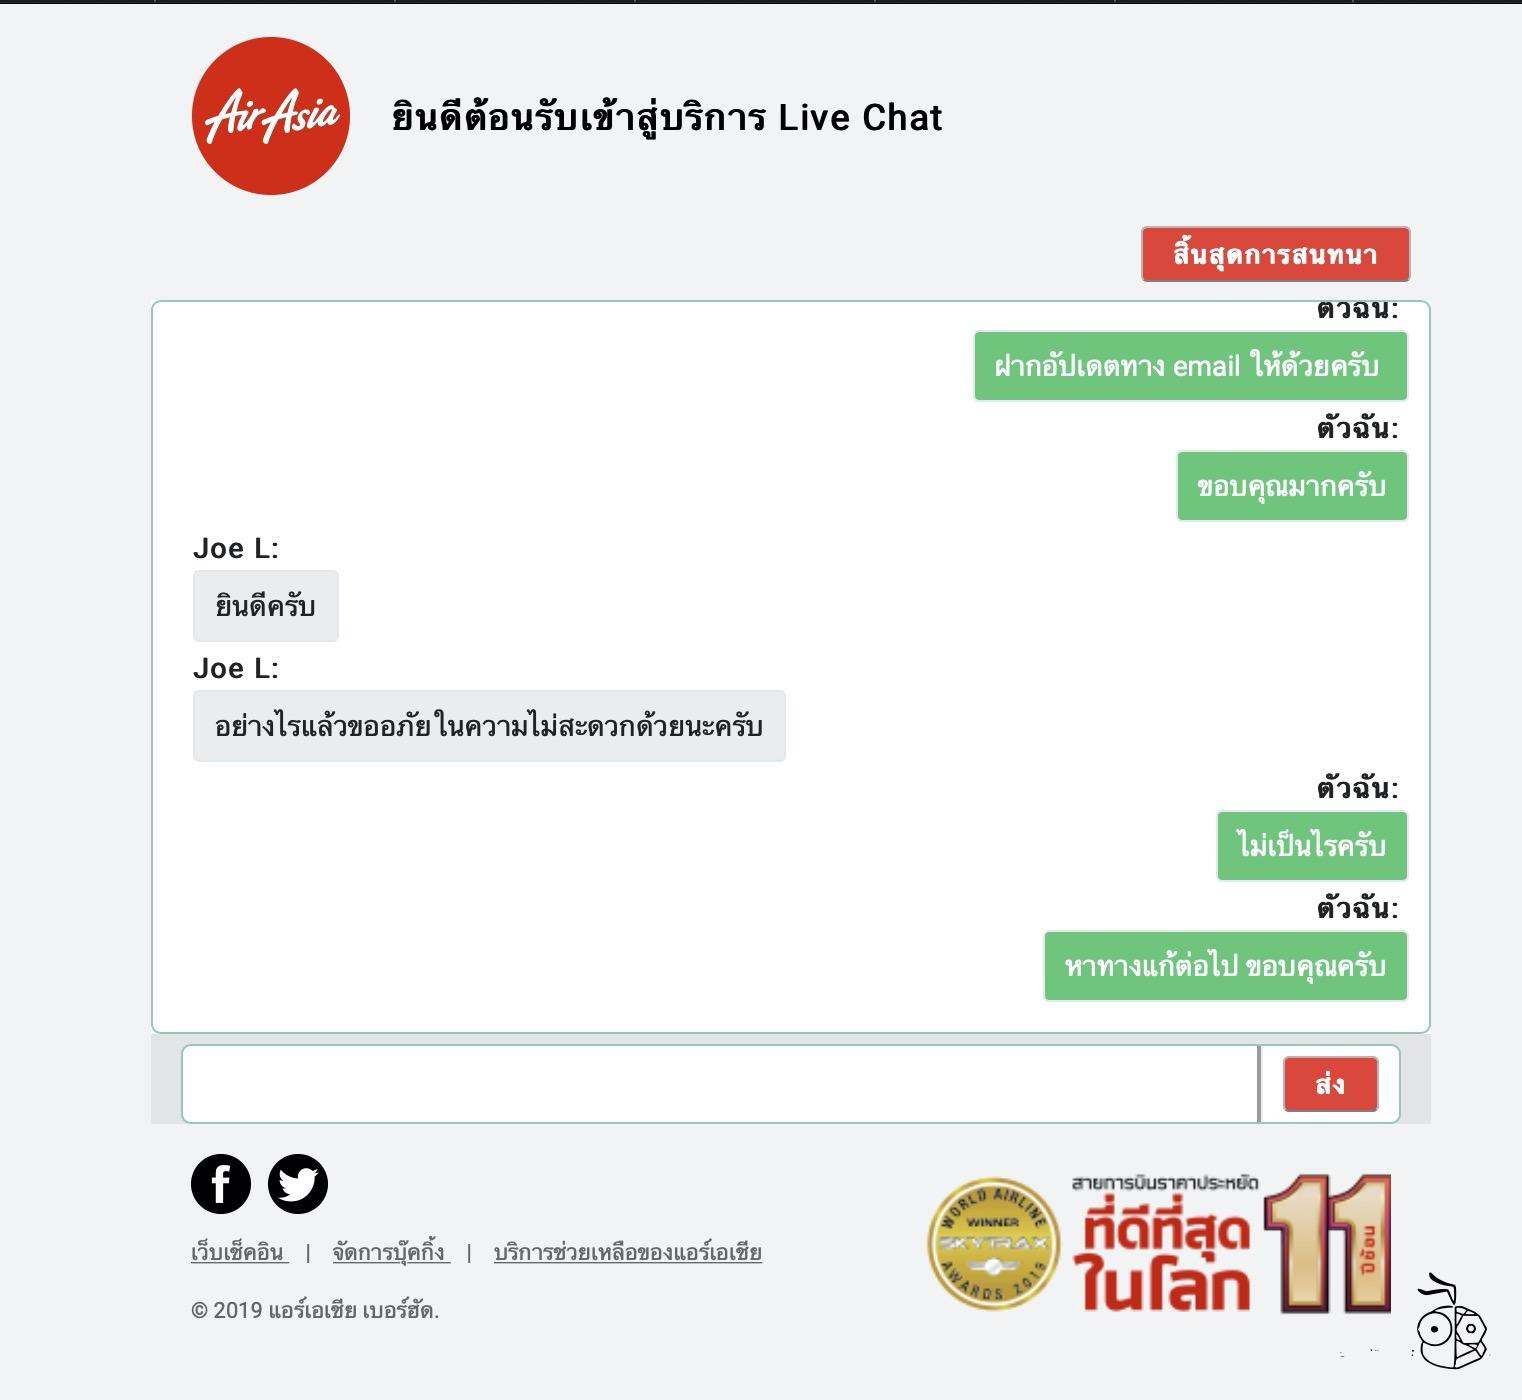 Airasia Eva Chat 06